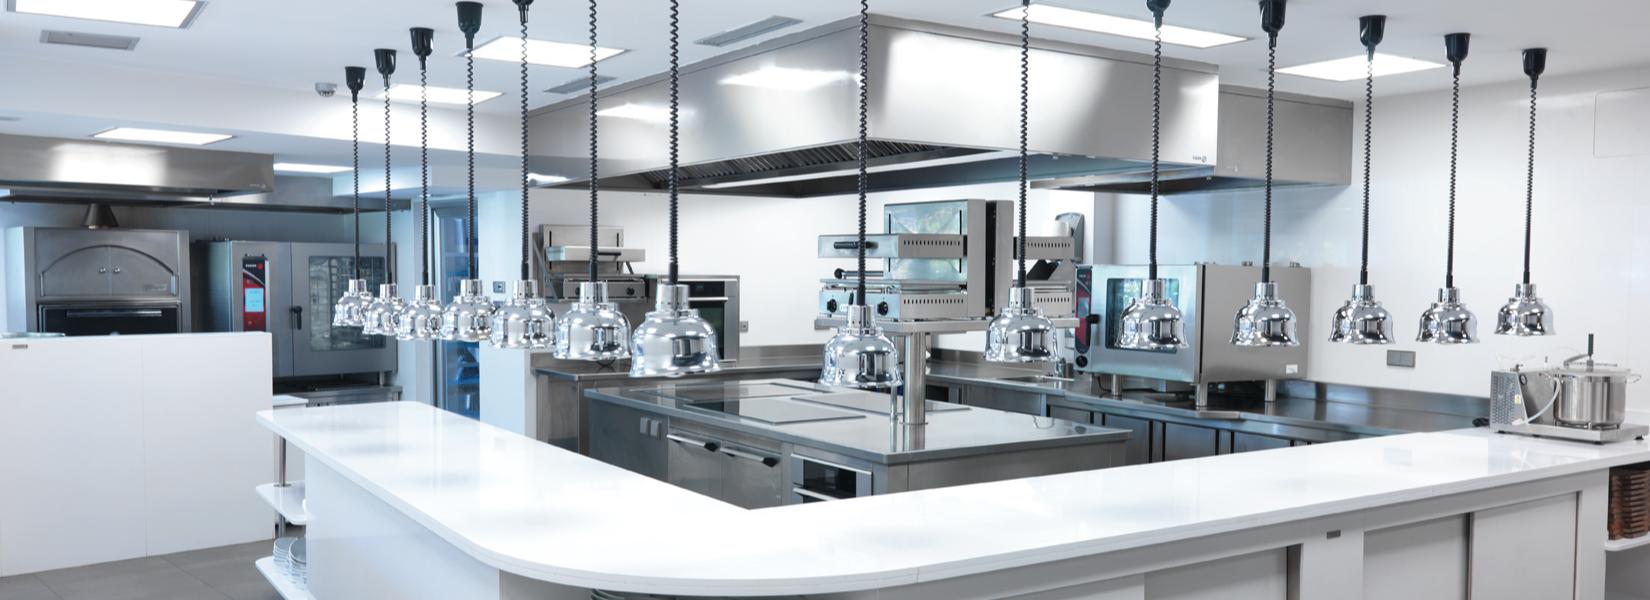 Maquinaria de hosteler a para tu nuevo negocio comunidad for Cocinas industriales para el hogar